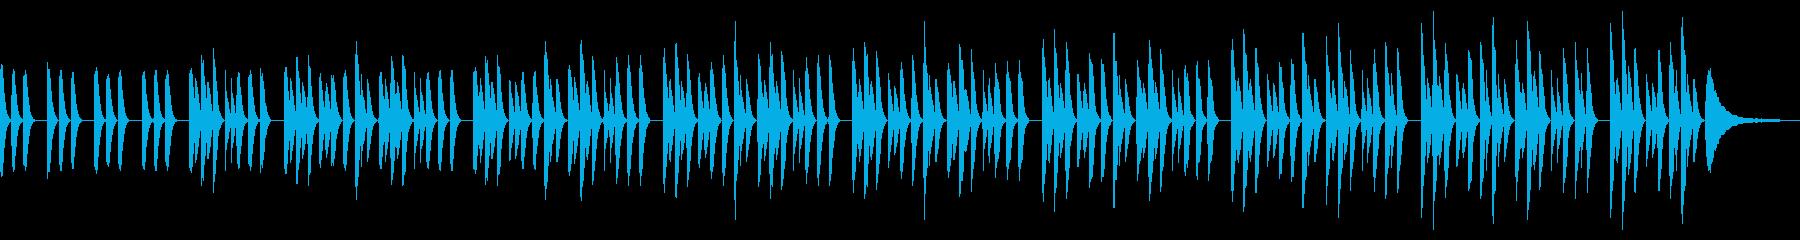 ミニマル・ピアノソロ・子供・工作・優しいの再生済みの波形